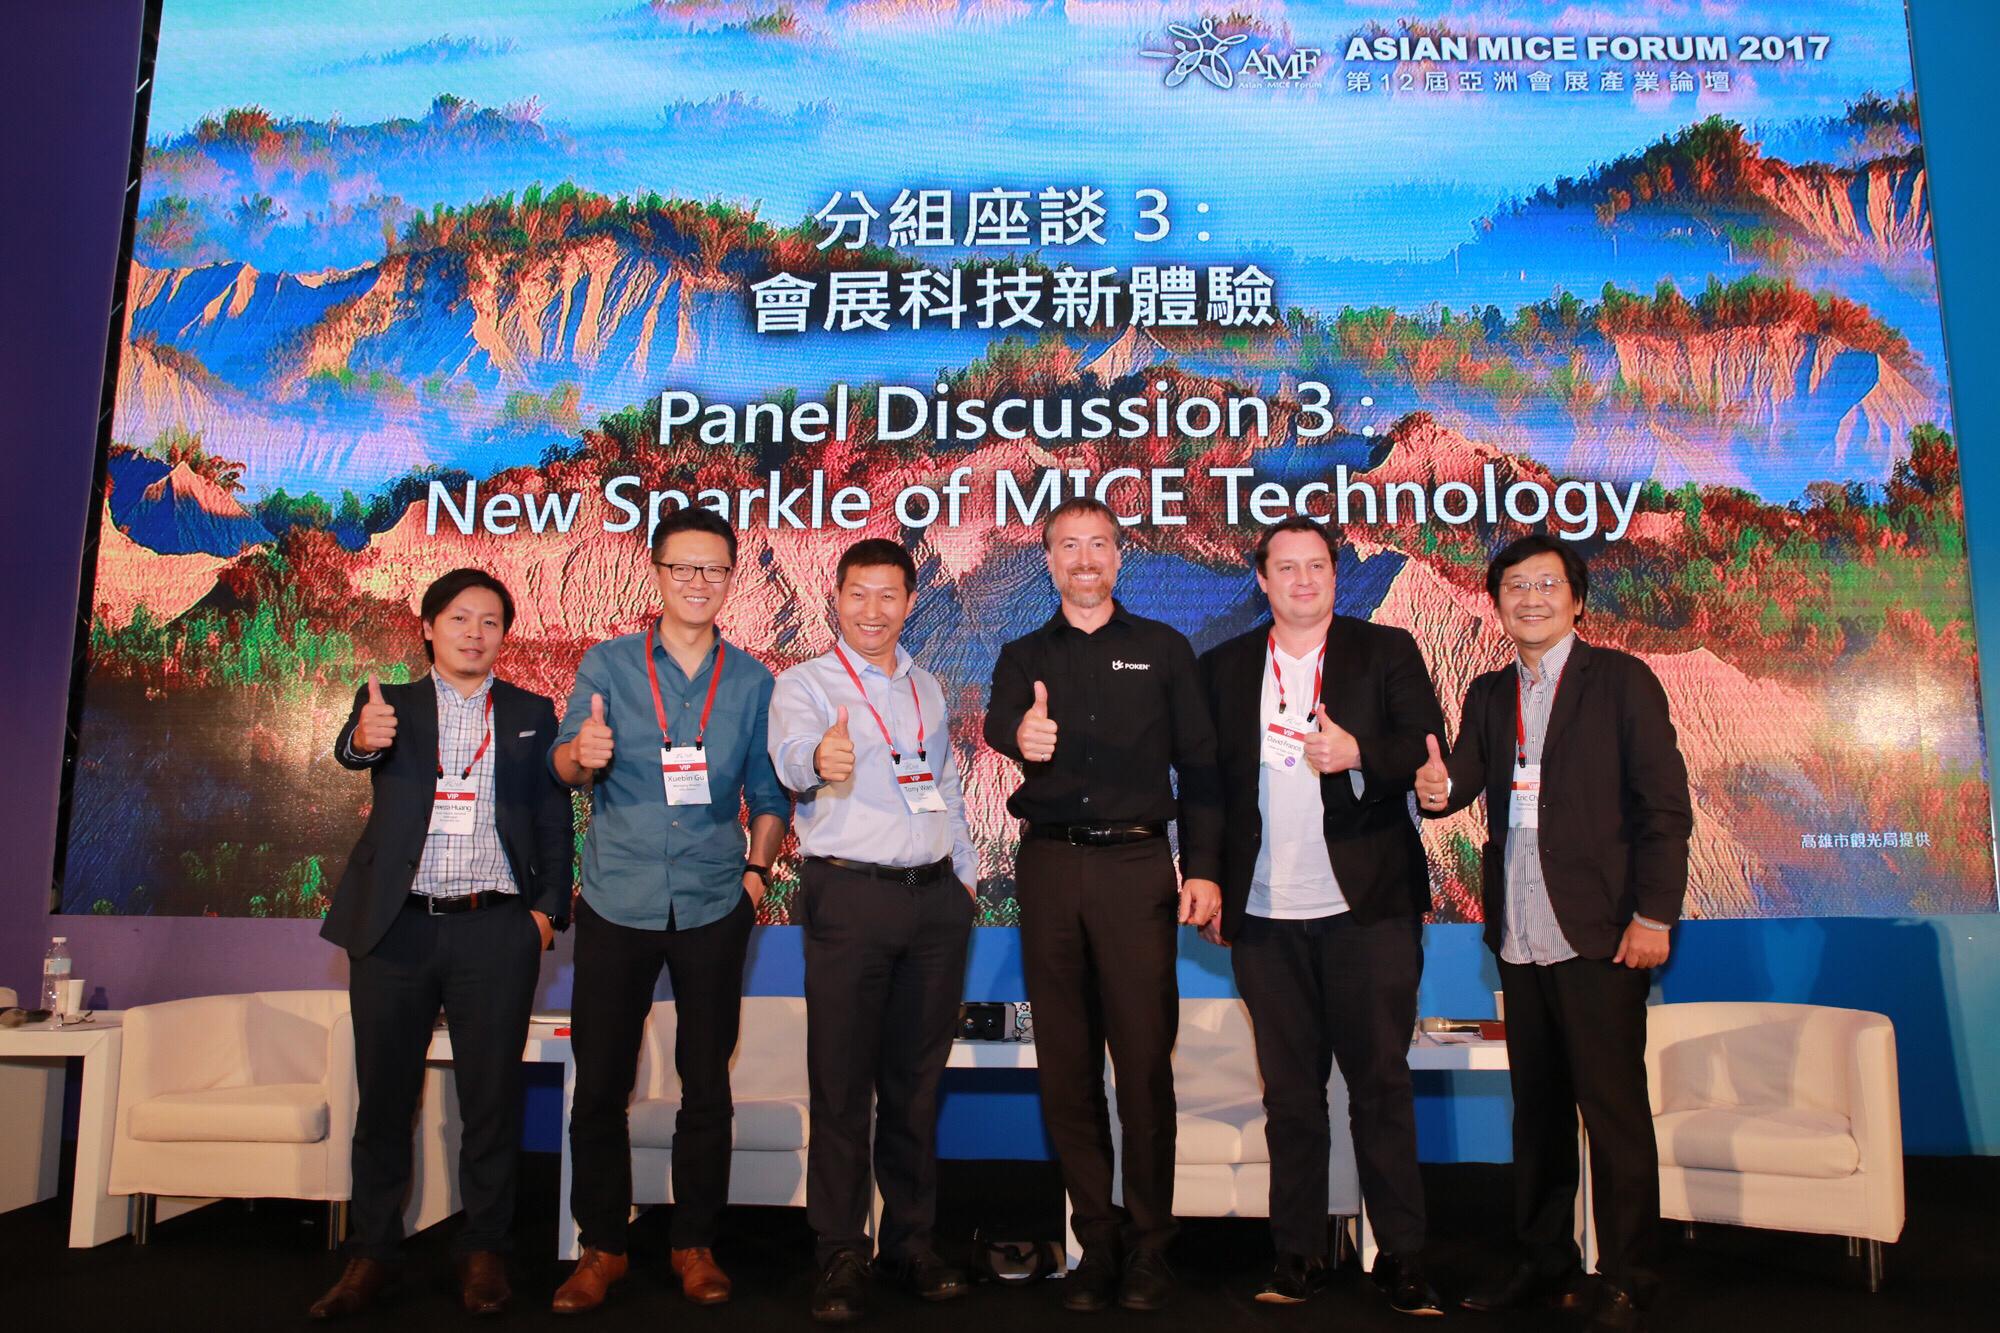 【新聞】「AMF亞洲會展產業論壇」Accupass攜手會展產業交流新科技